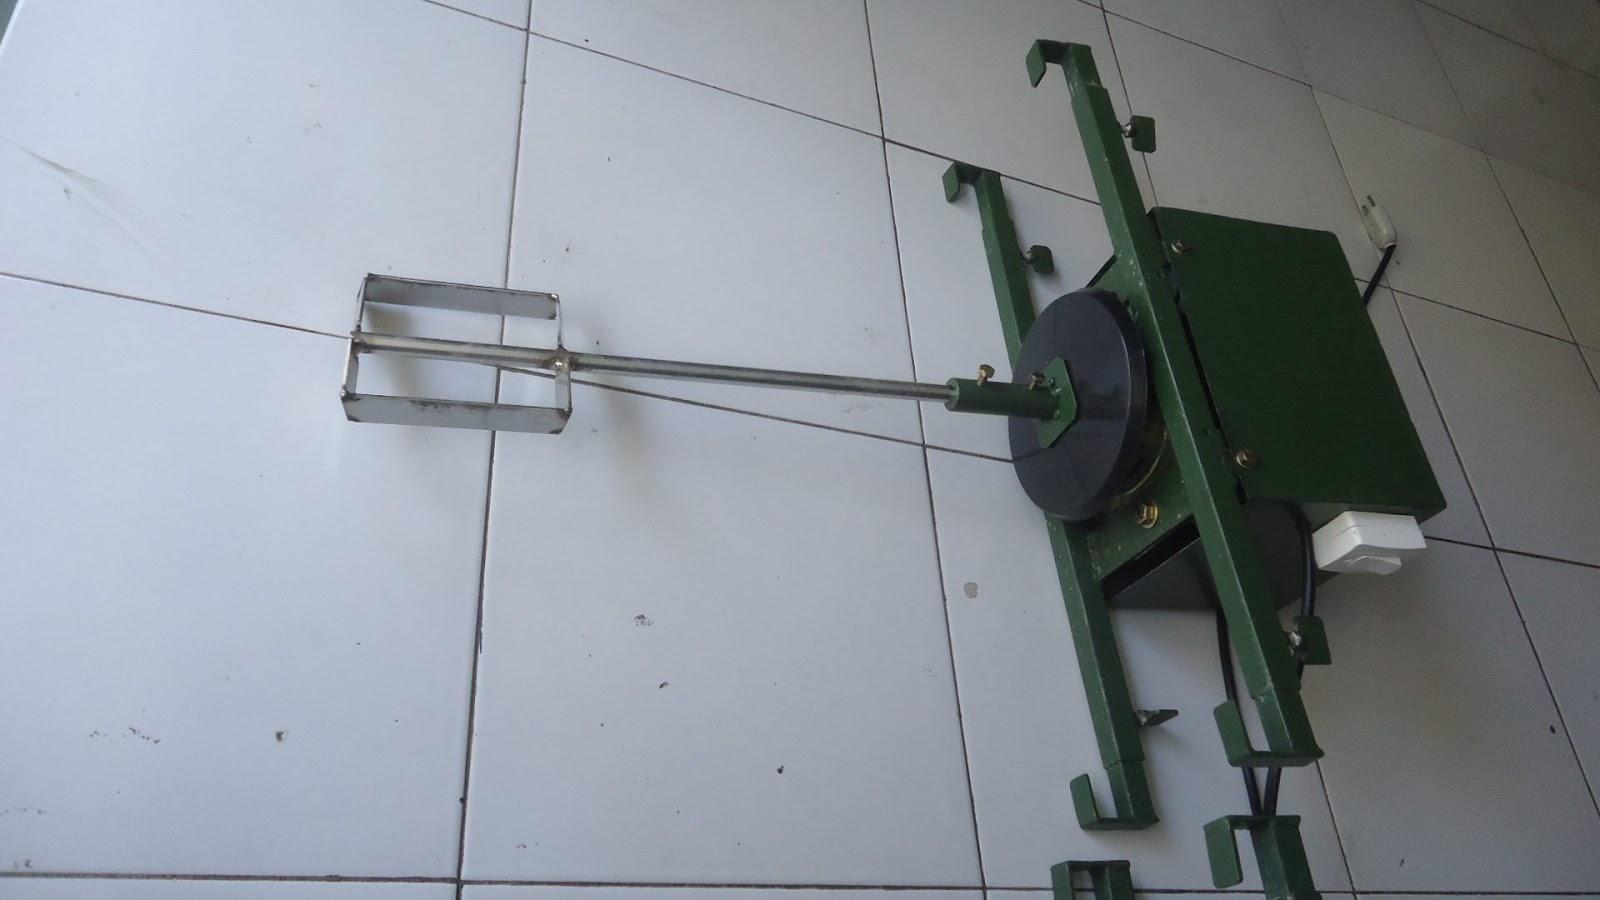 88 Jual Mesin Pengaduk Adonan Kerupuk Di Bandung